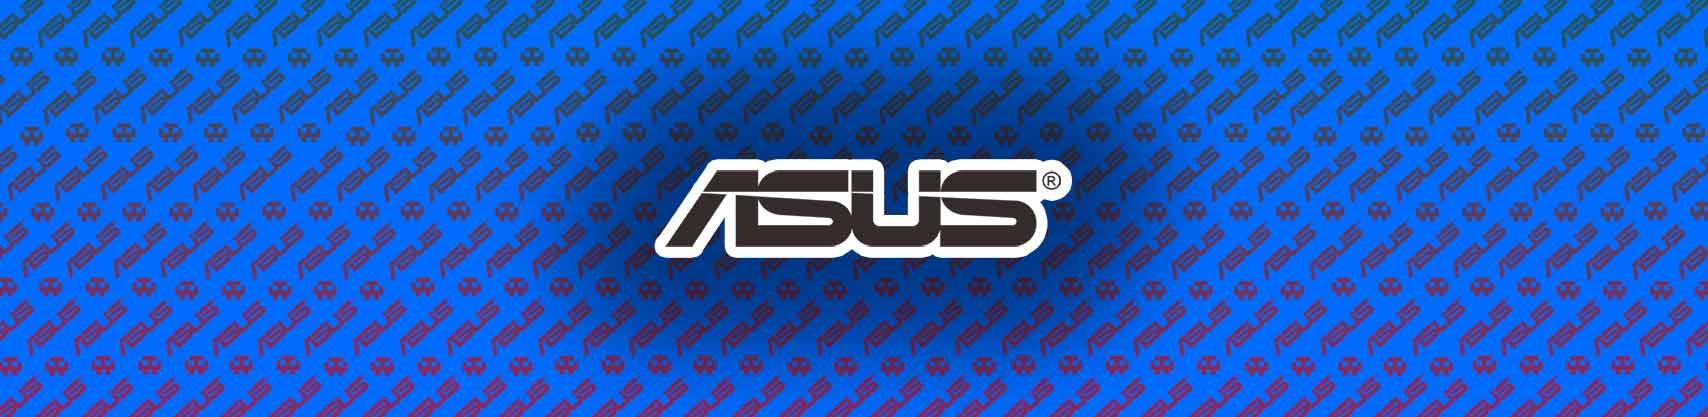 Asus TUF Z270 Mark 2 Manual